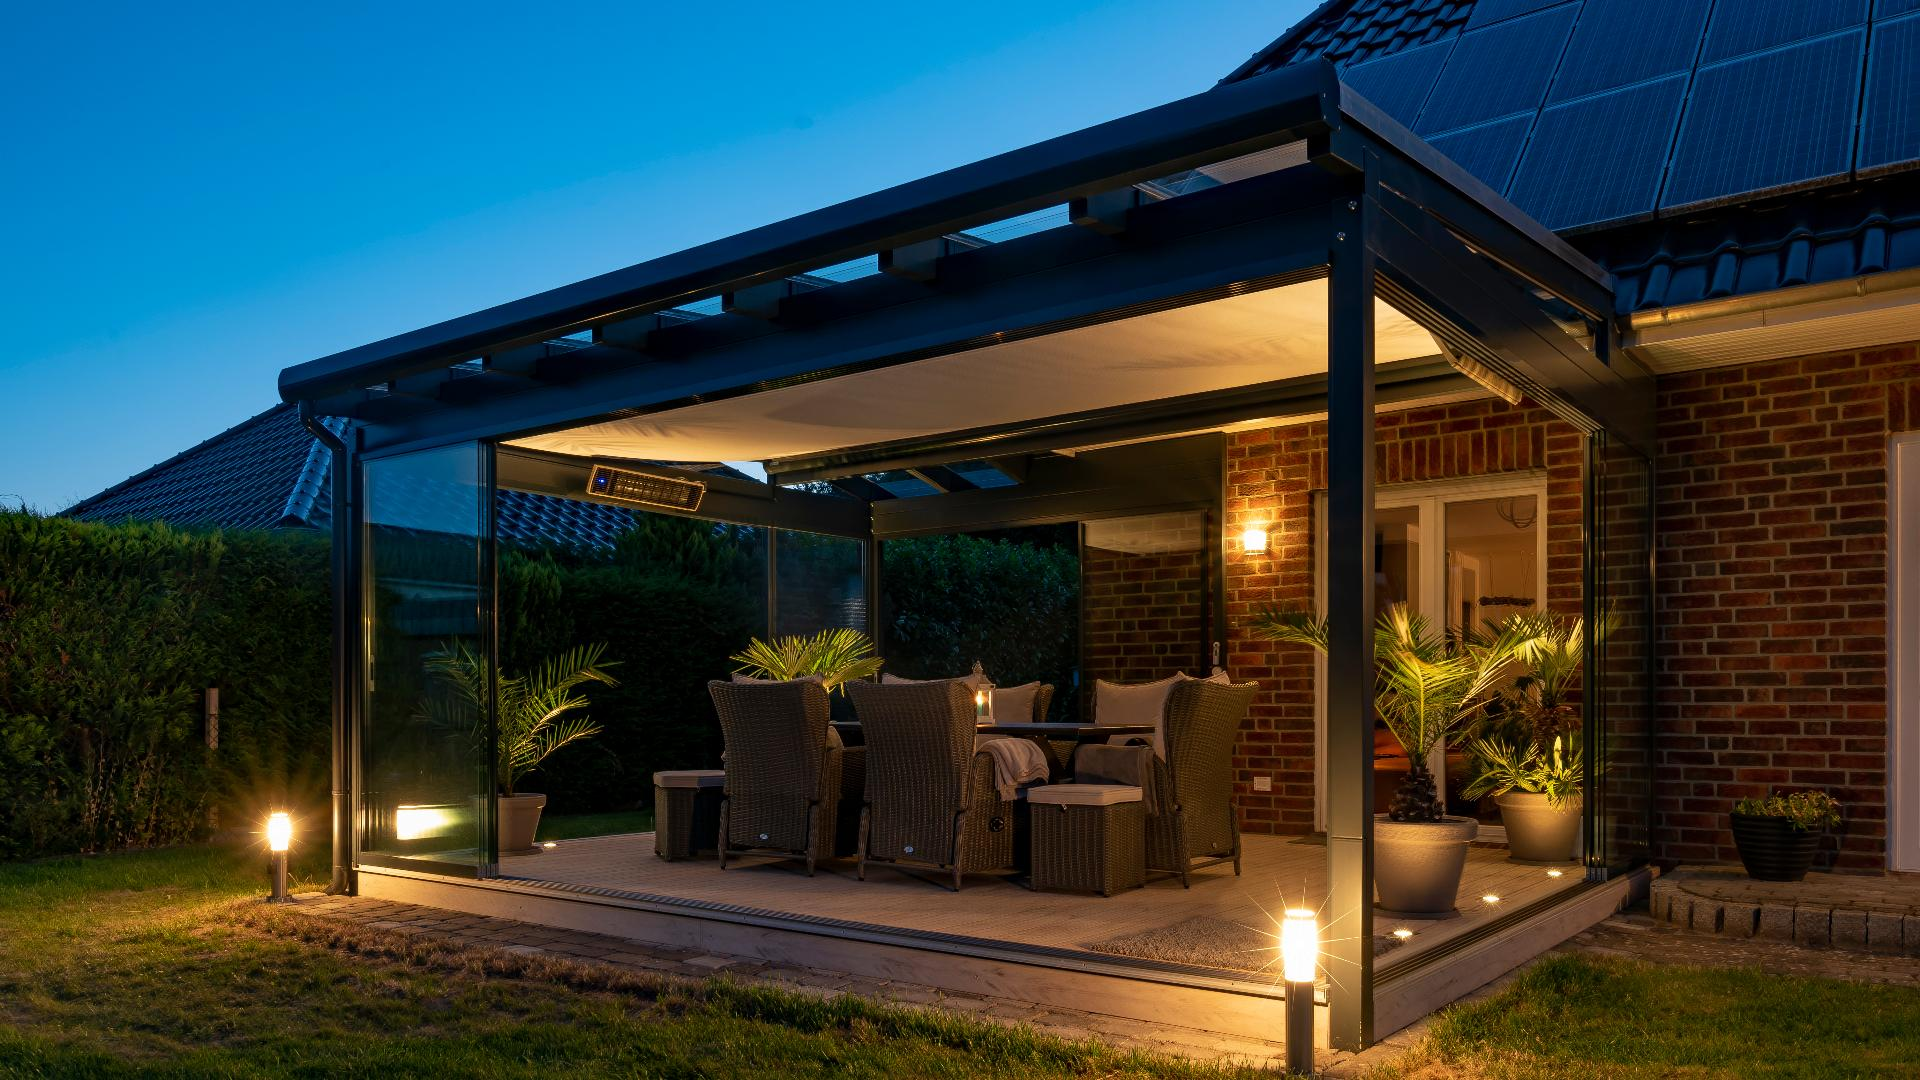 beleuchtetes Glashaus an einem Einfamilienhaus bei Nacht